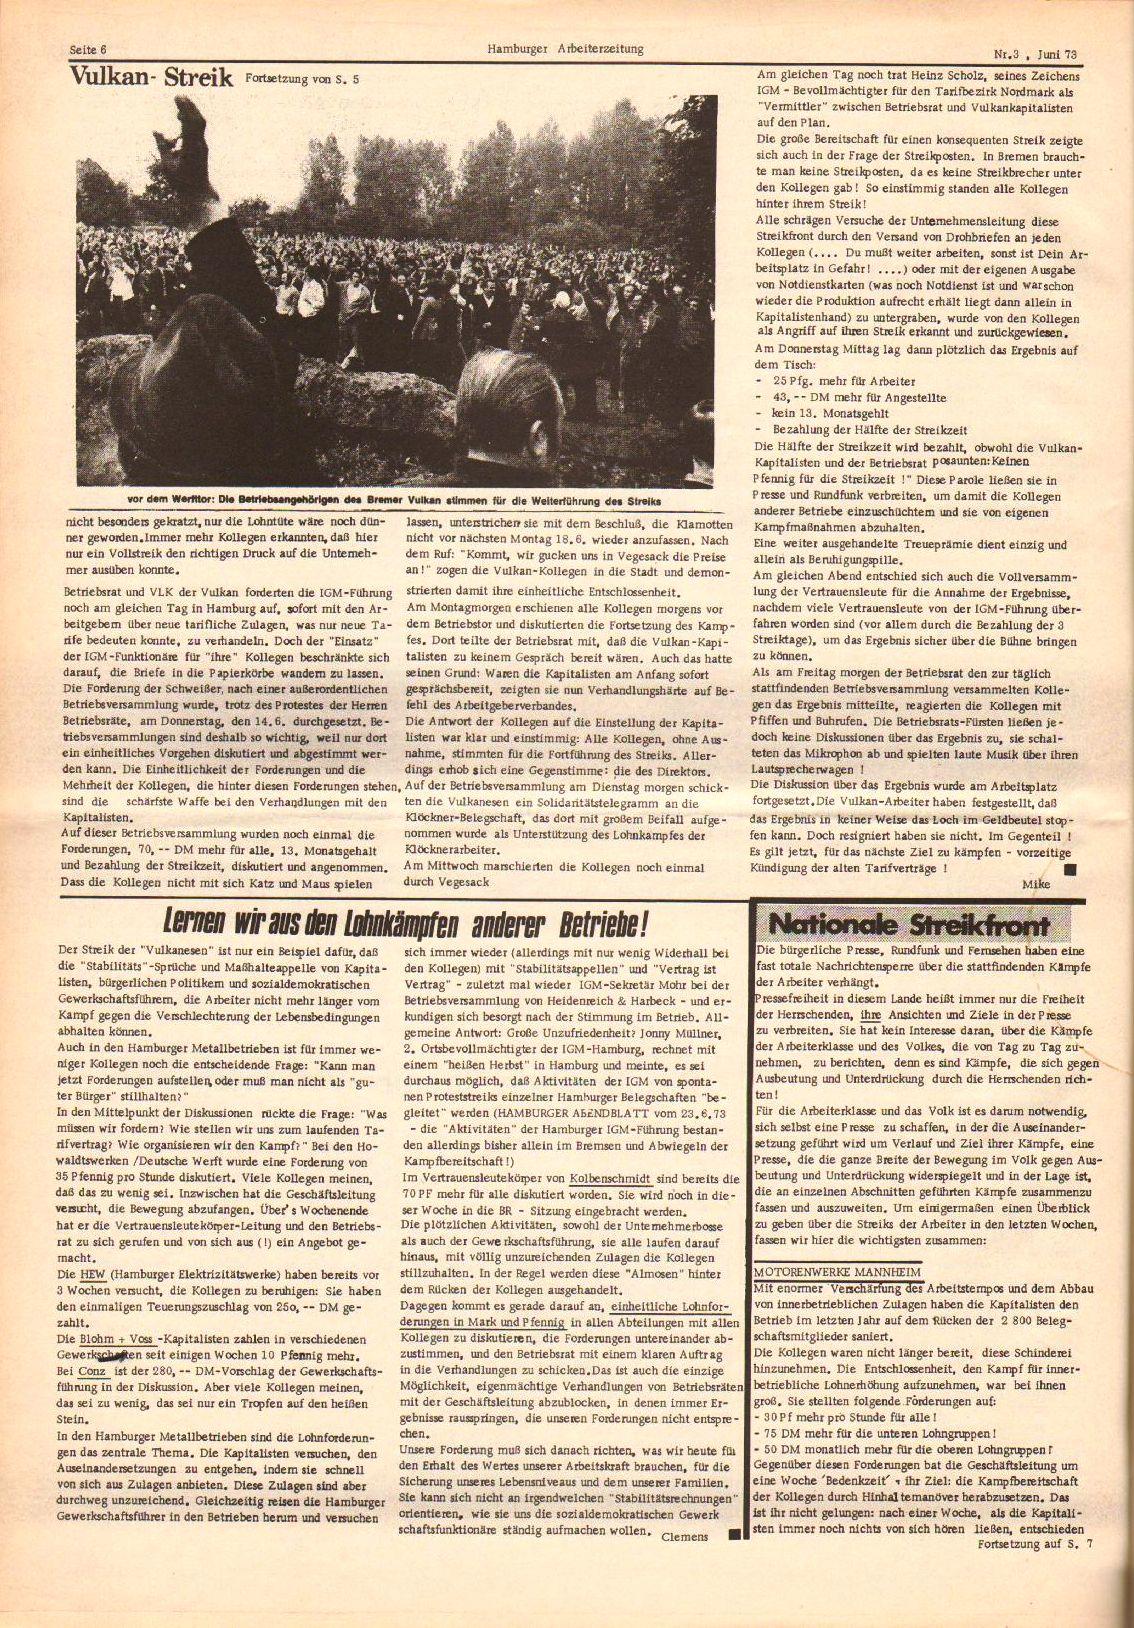 Hamburger_Arbeiterzeitung054